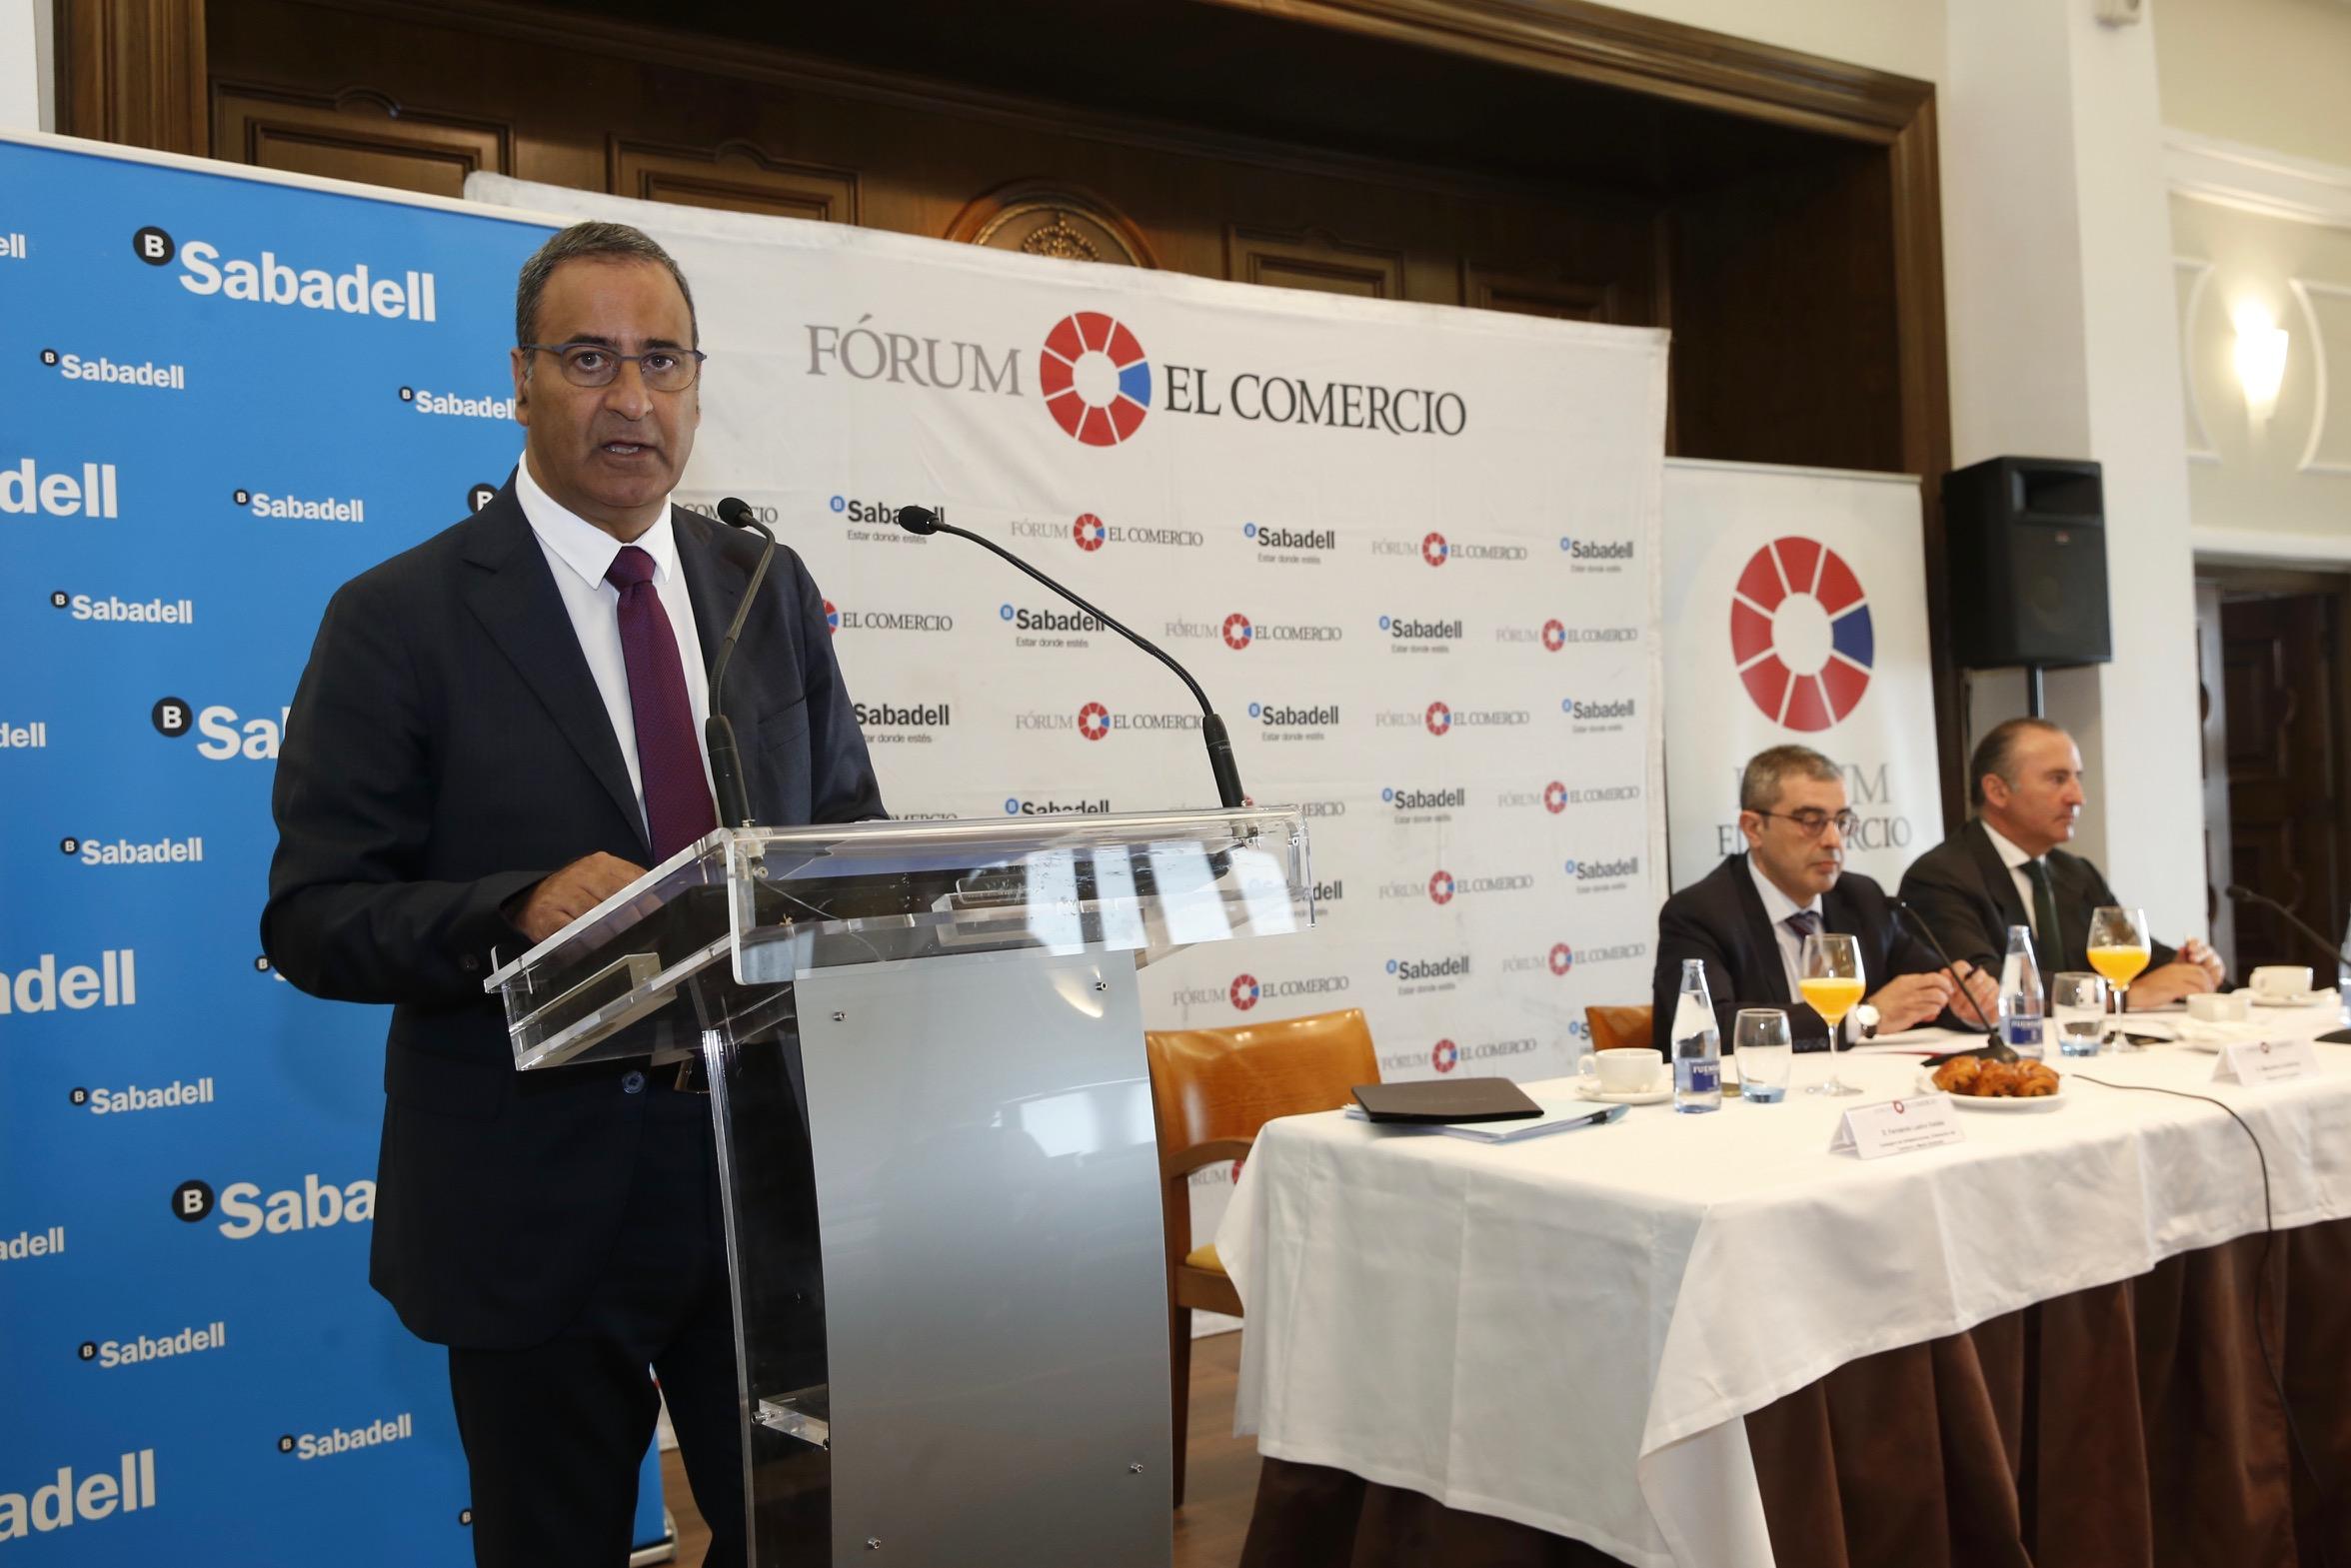 Fernando Lastra desgrana el plan del área central en el Fórum EL COMERCIO